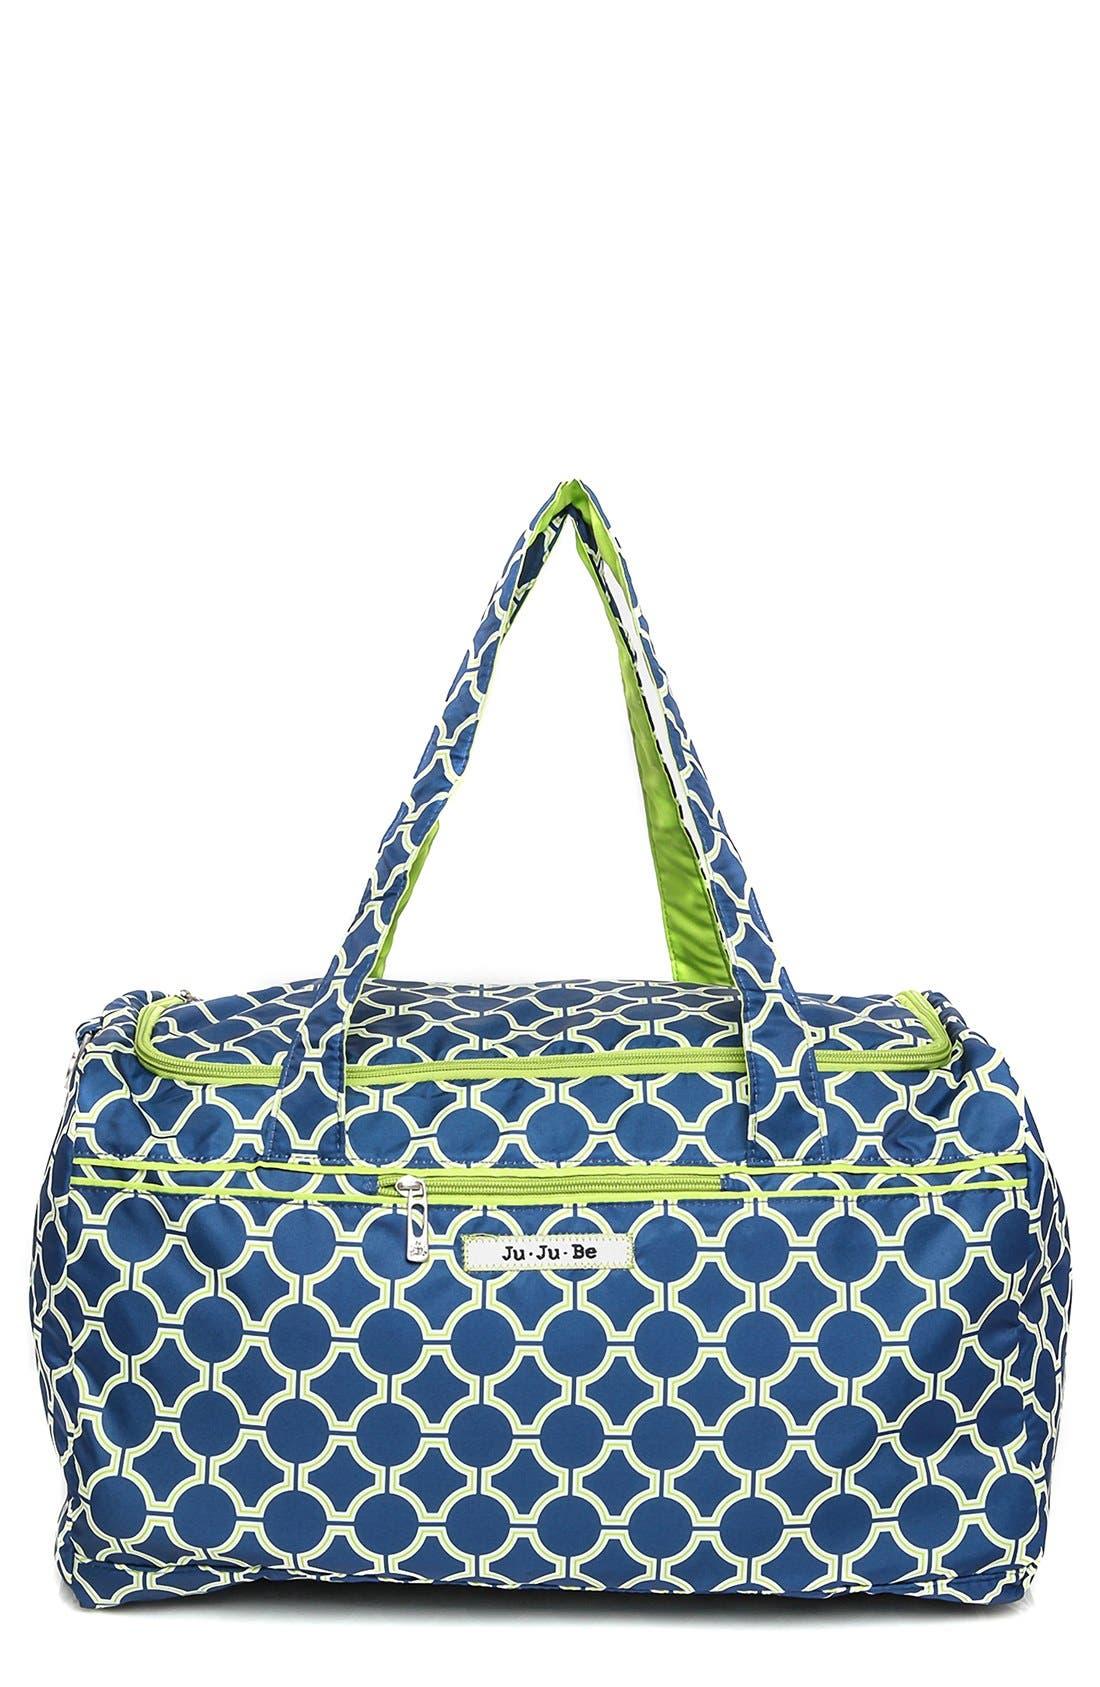 Main Image - Ju-Ju-Be 'Super Star' Travel Diaper Bag